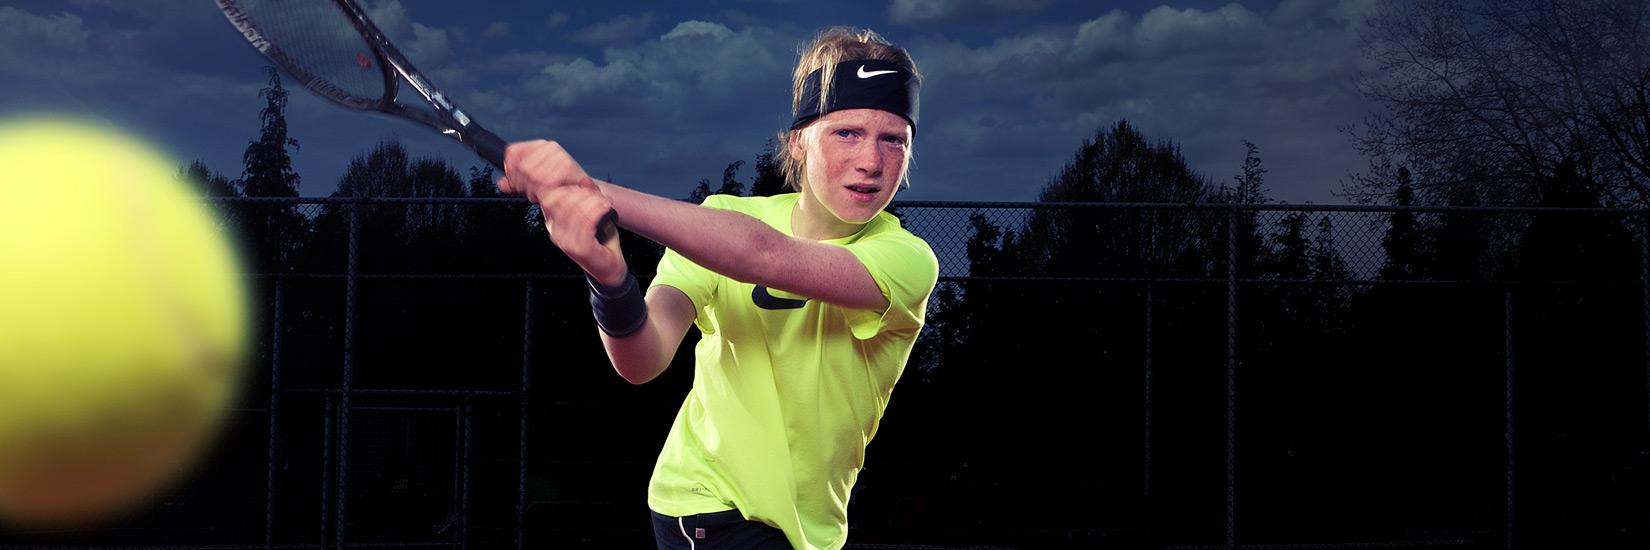 Welkom bij de Stichting Sam's Tennis